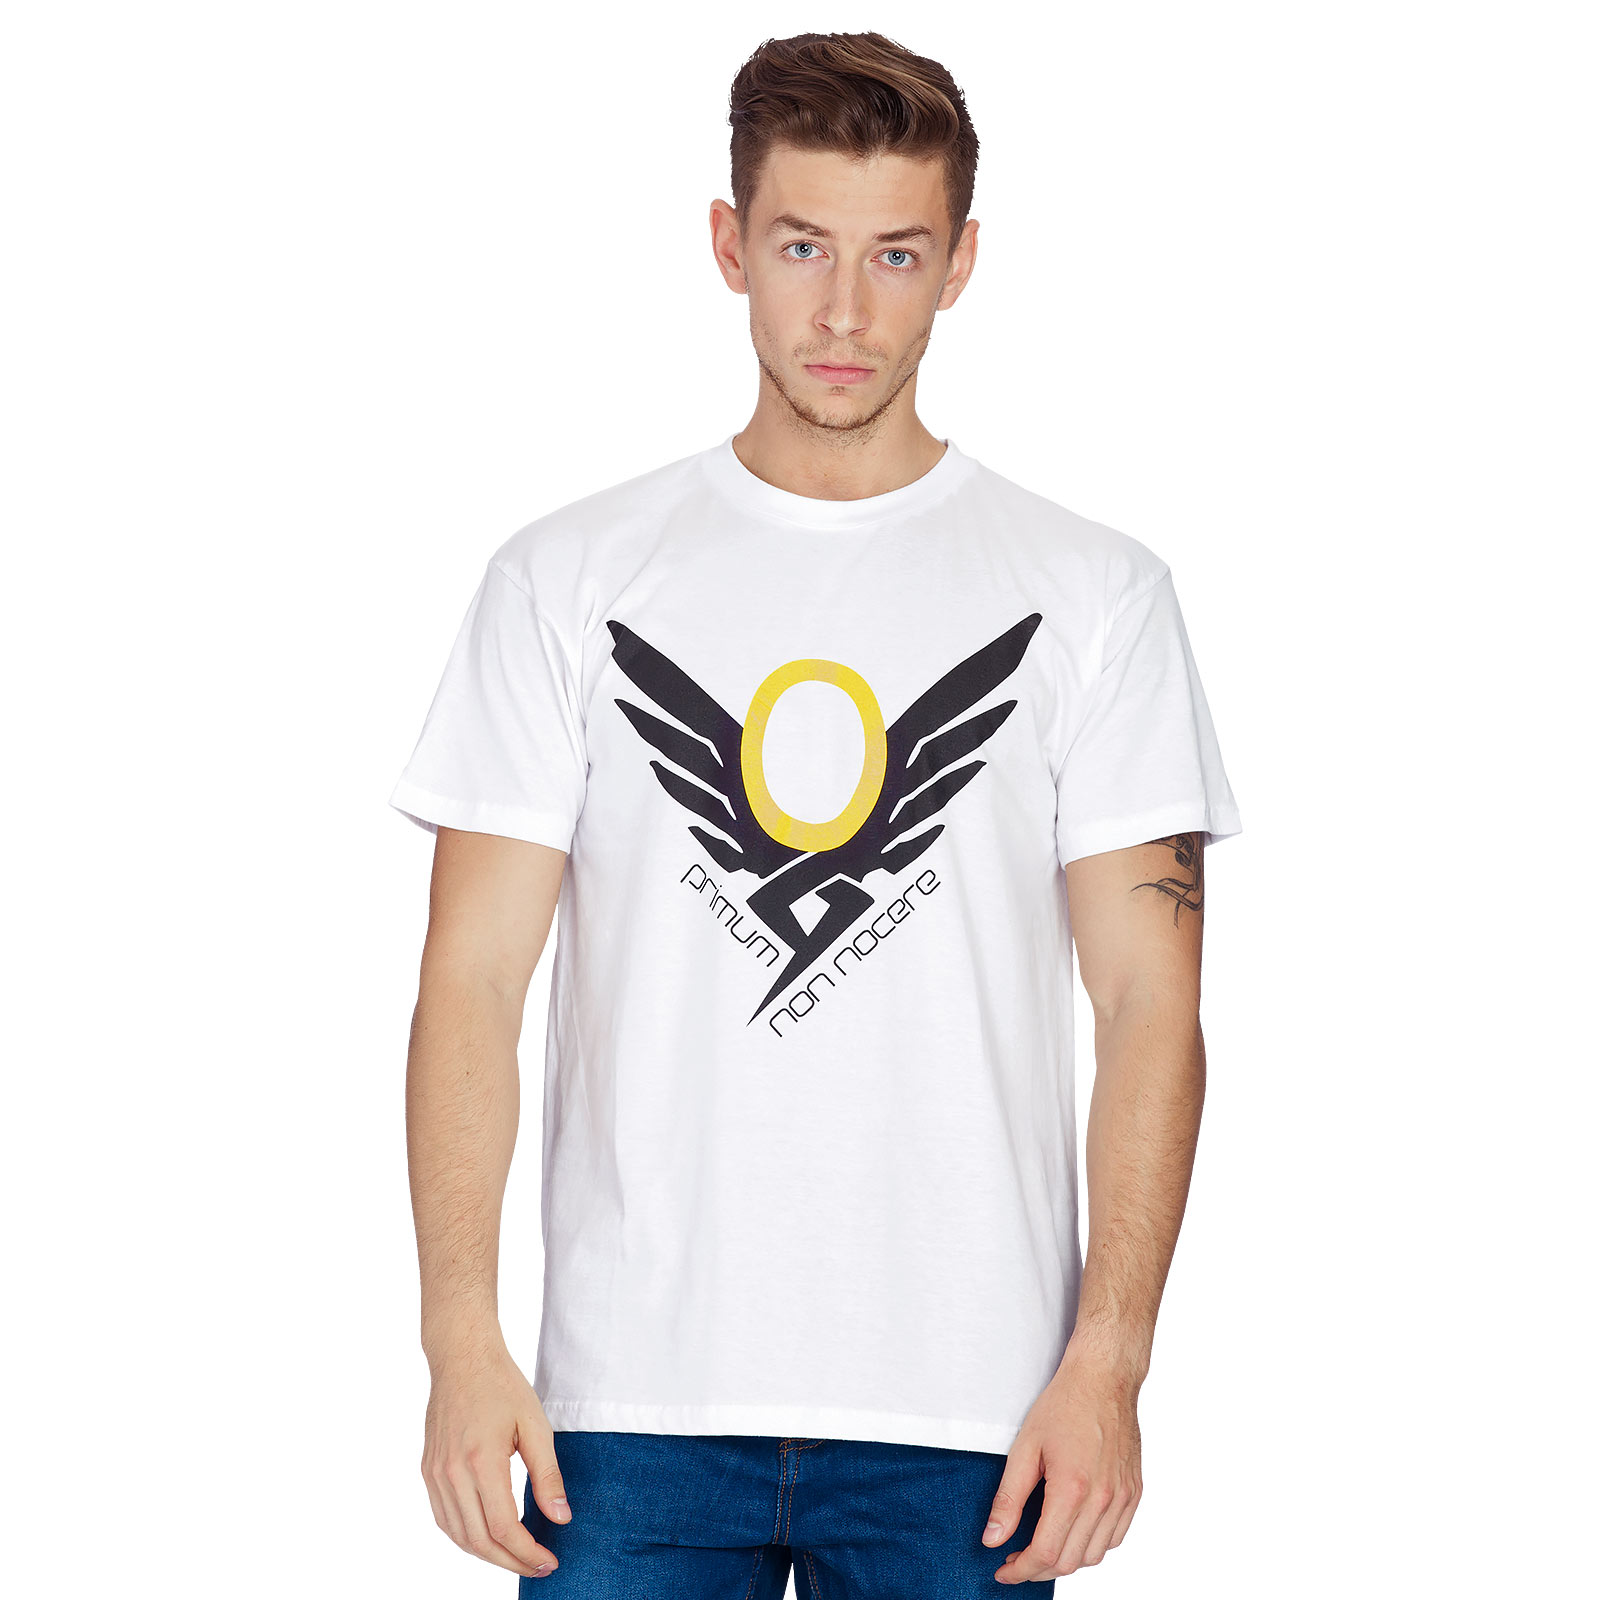 Overwatch - Mercy T-Shirt weiß